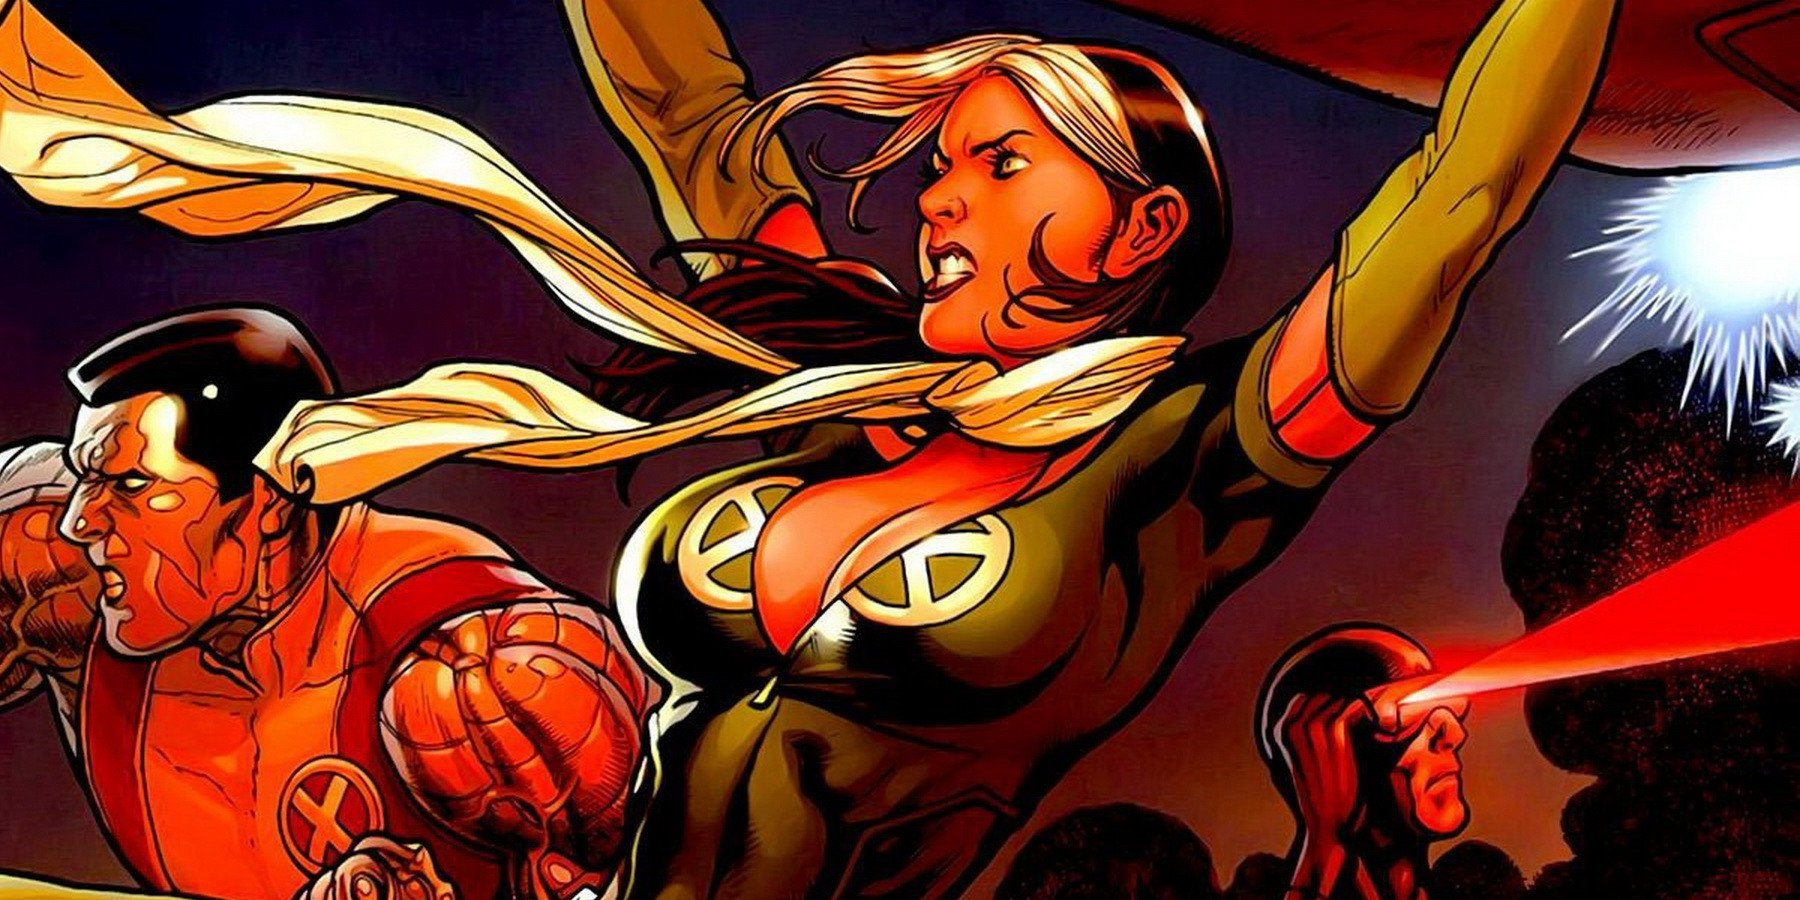 Rogue - X-Men